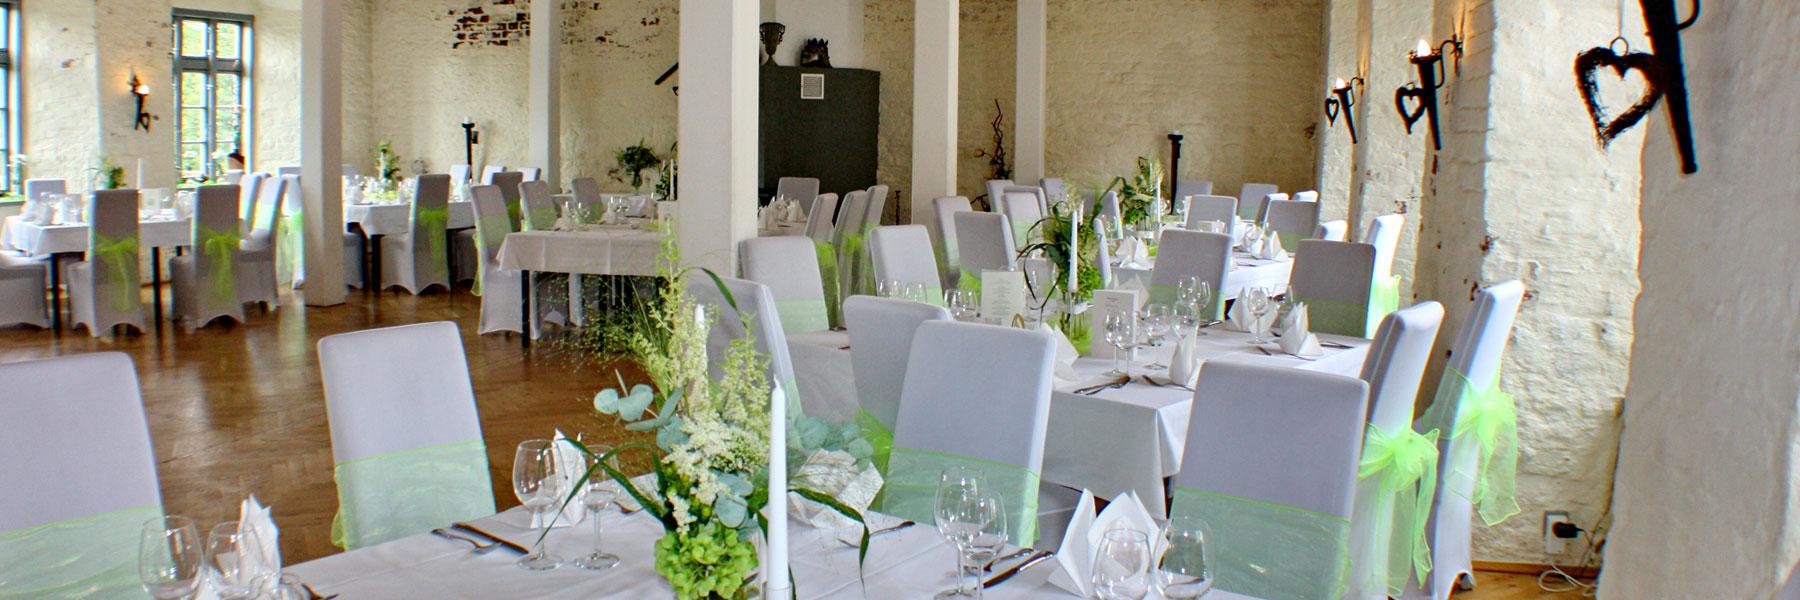 Restaurant - Burg Restaurant und Eventgastronomie